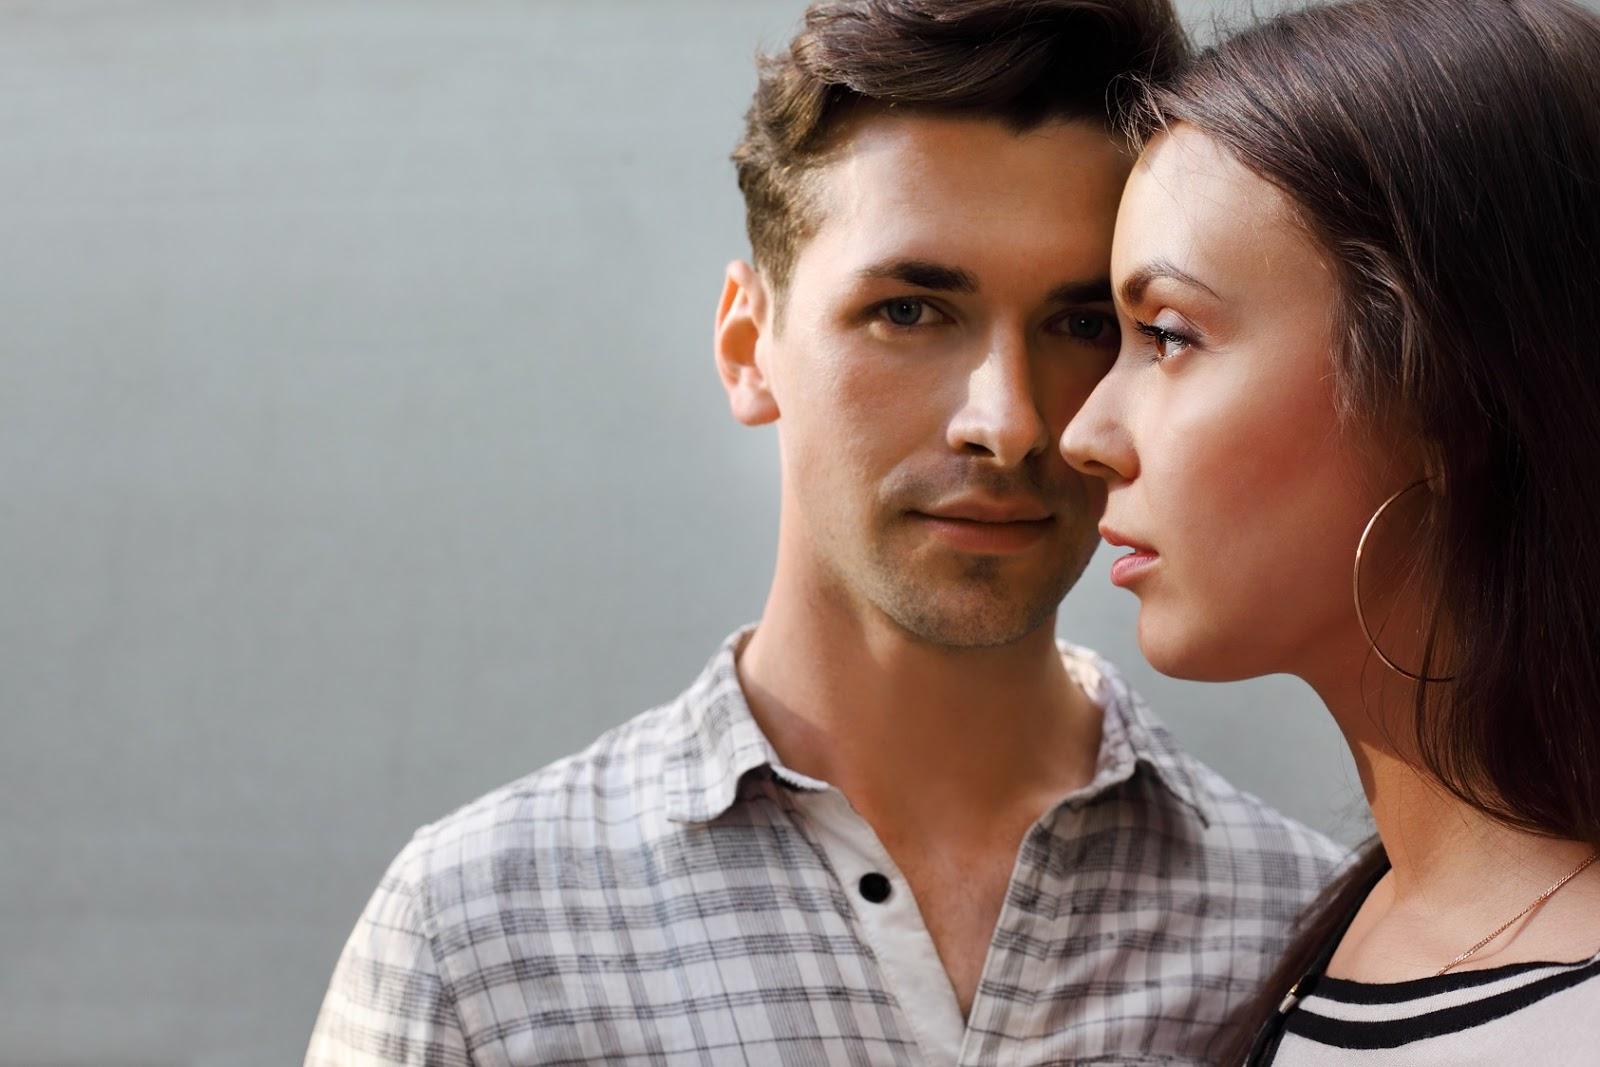 Kadınların Beden Dili Size Neler Anlatır